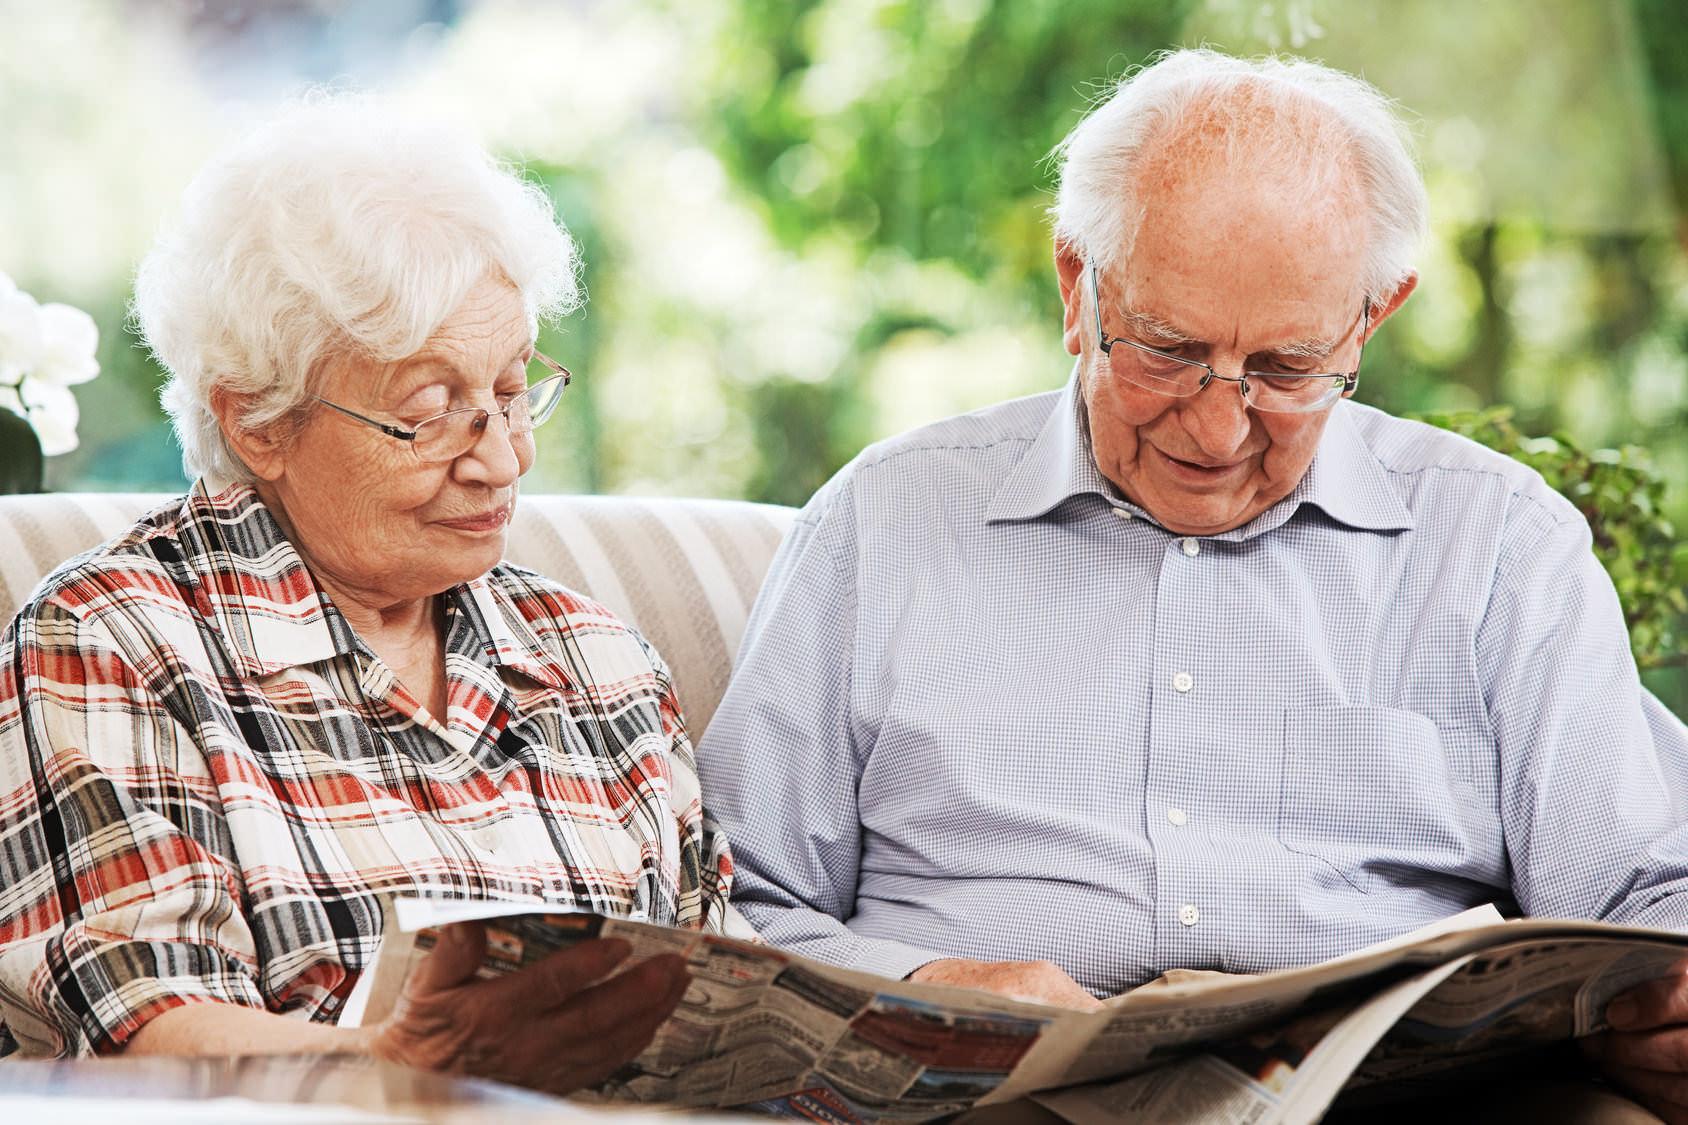 Пожилые люди: кто относится к их числу и какие льготы им положены (фото: Ingo Bartussek - Fotolia.com).